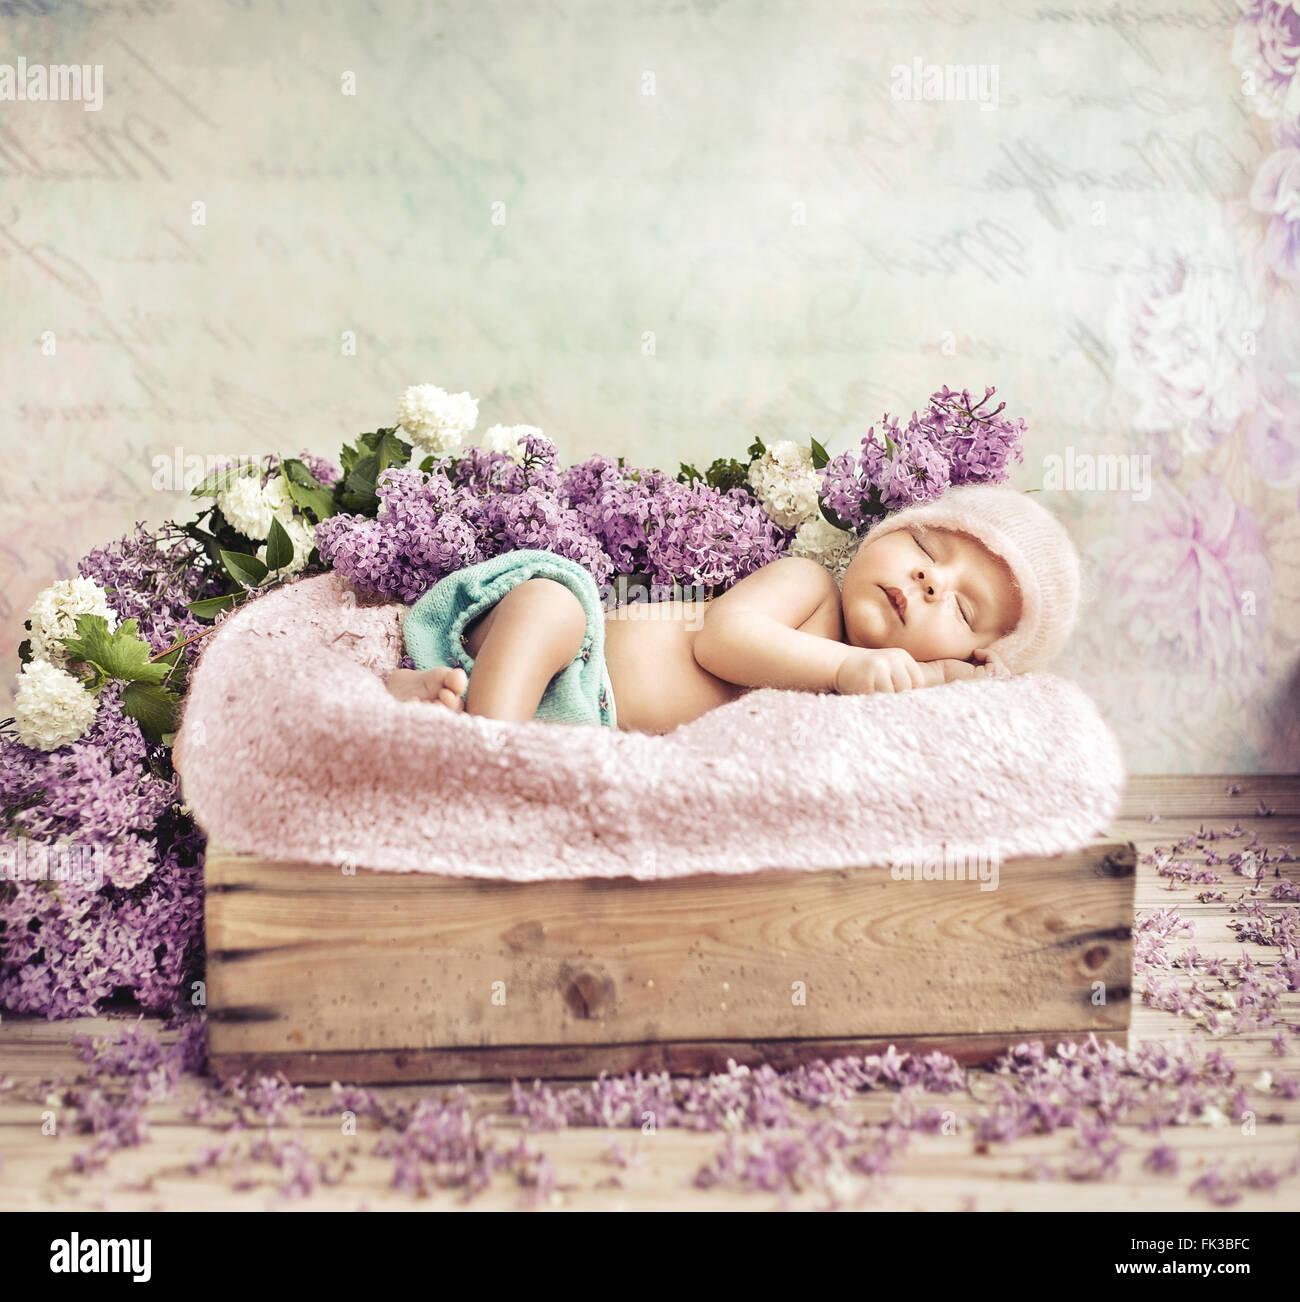 Tout-petits à dormir couché sur les fleurs violettes et couverture Photo Stock